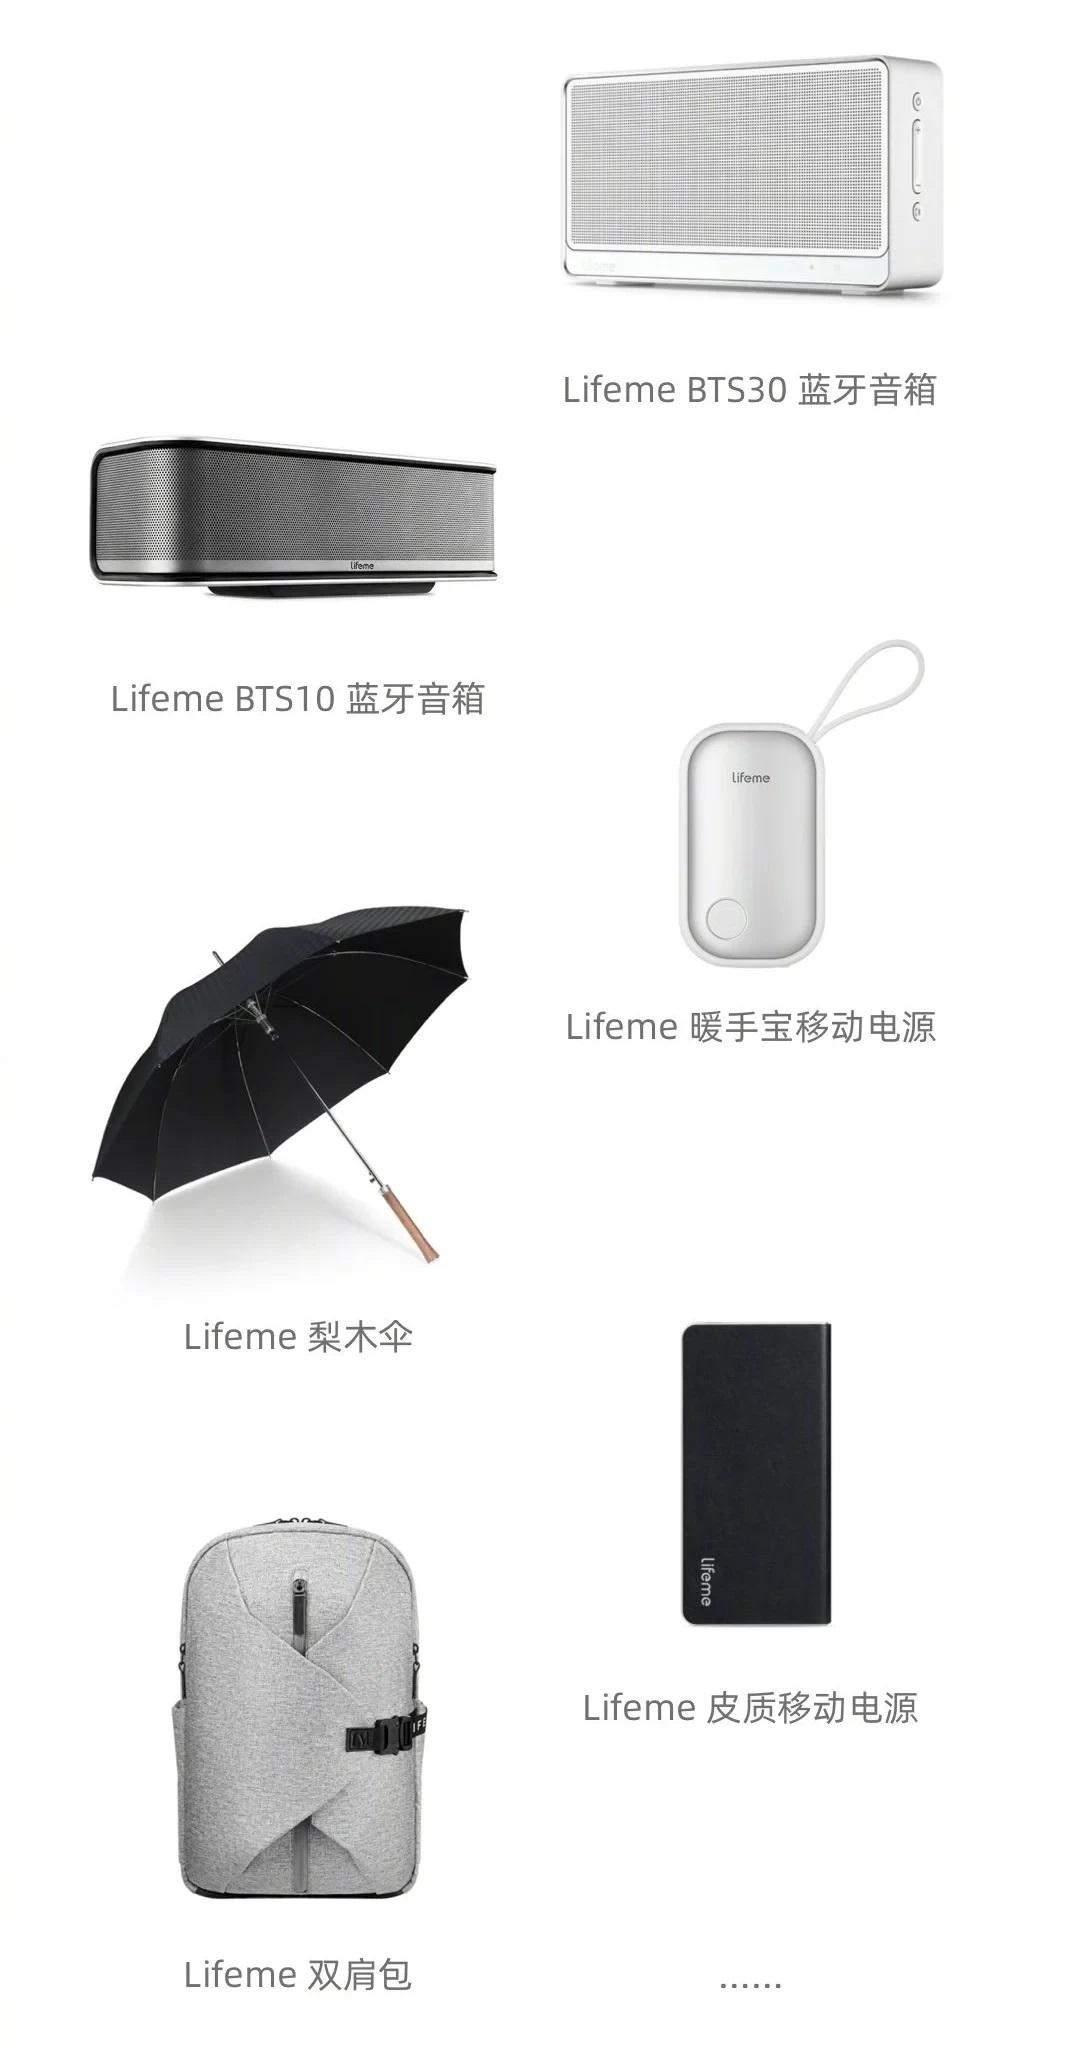 Пристрої Lifeme від Meizu